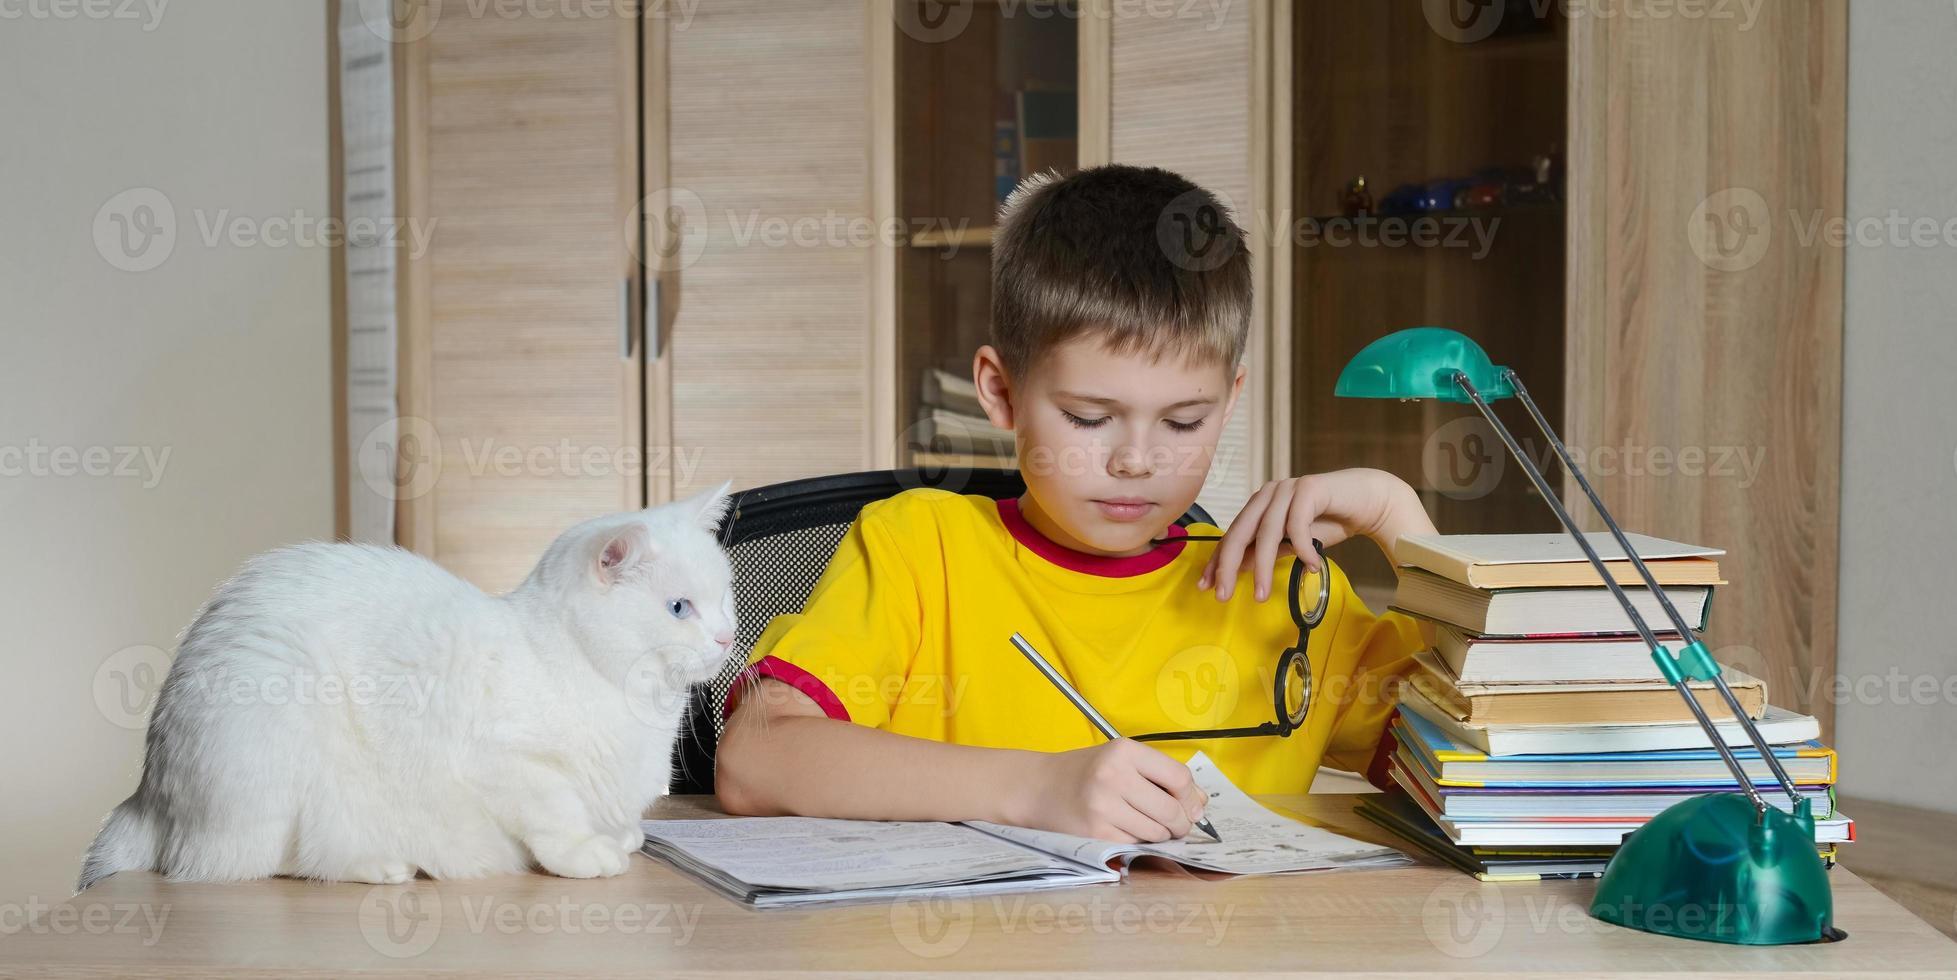 garoto feliz fazendo lição de casa com gato e livros na mesa. foto